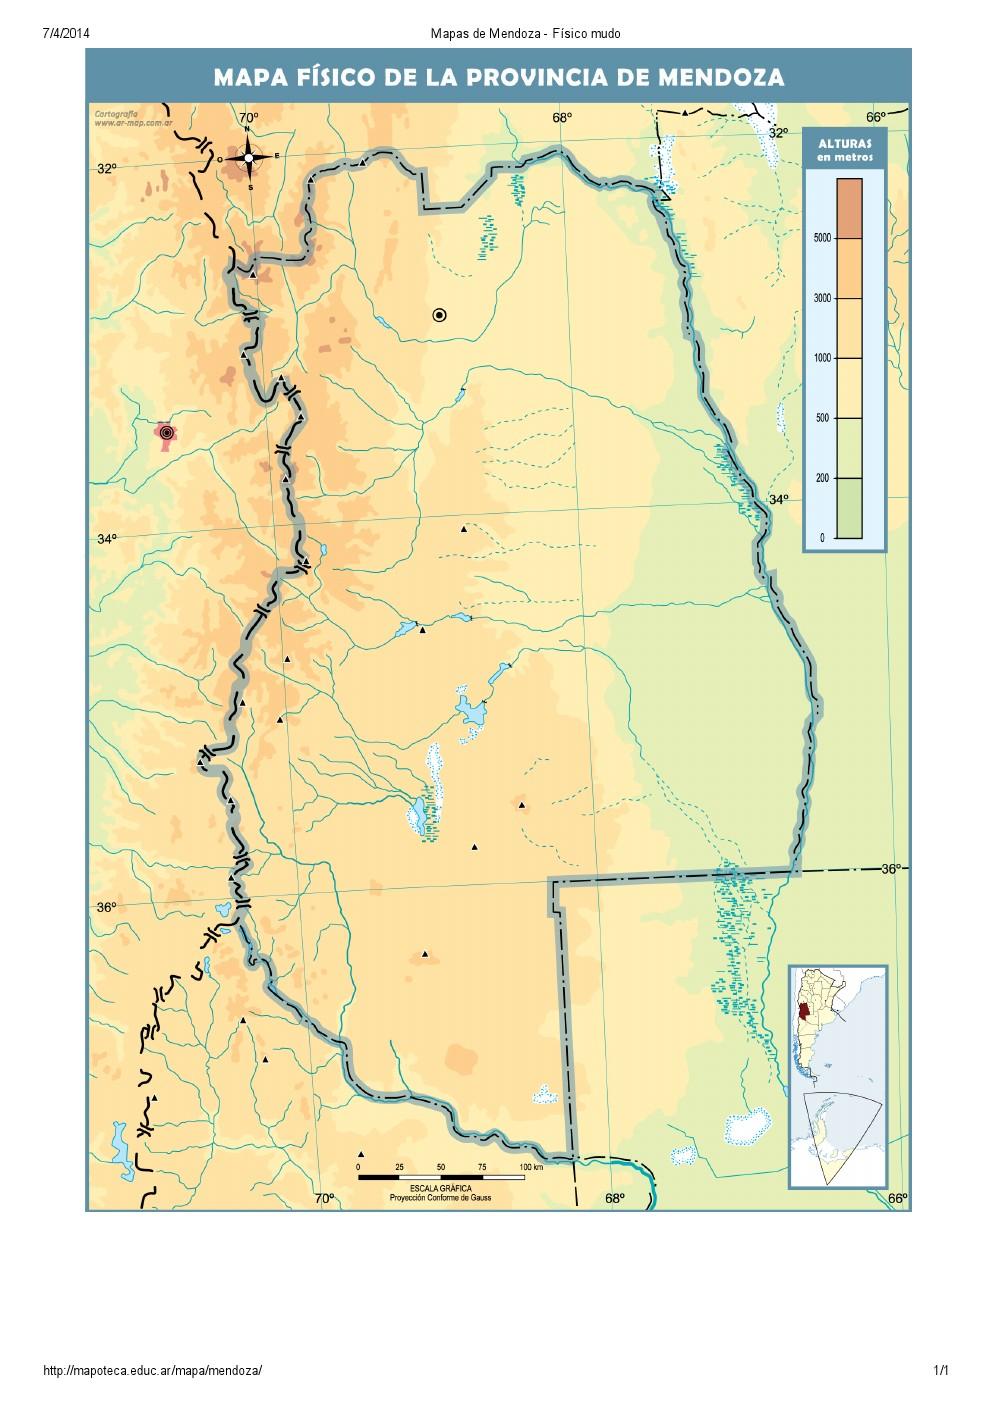 Mapa mudo de ríos de Mendoza. Mapoteca de Educ.ar